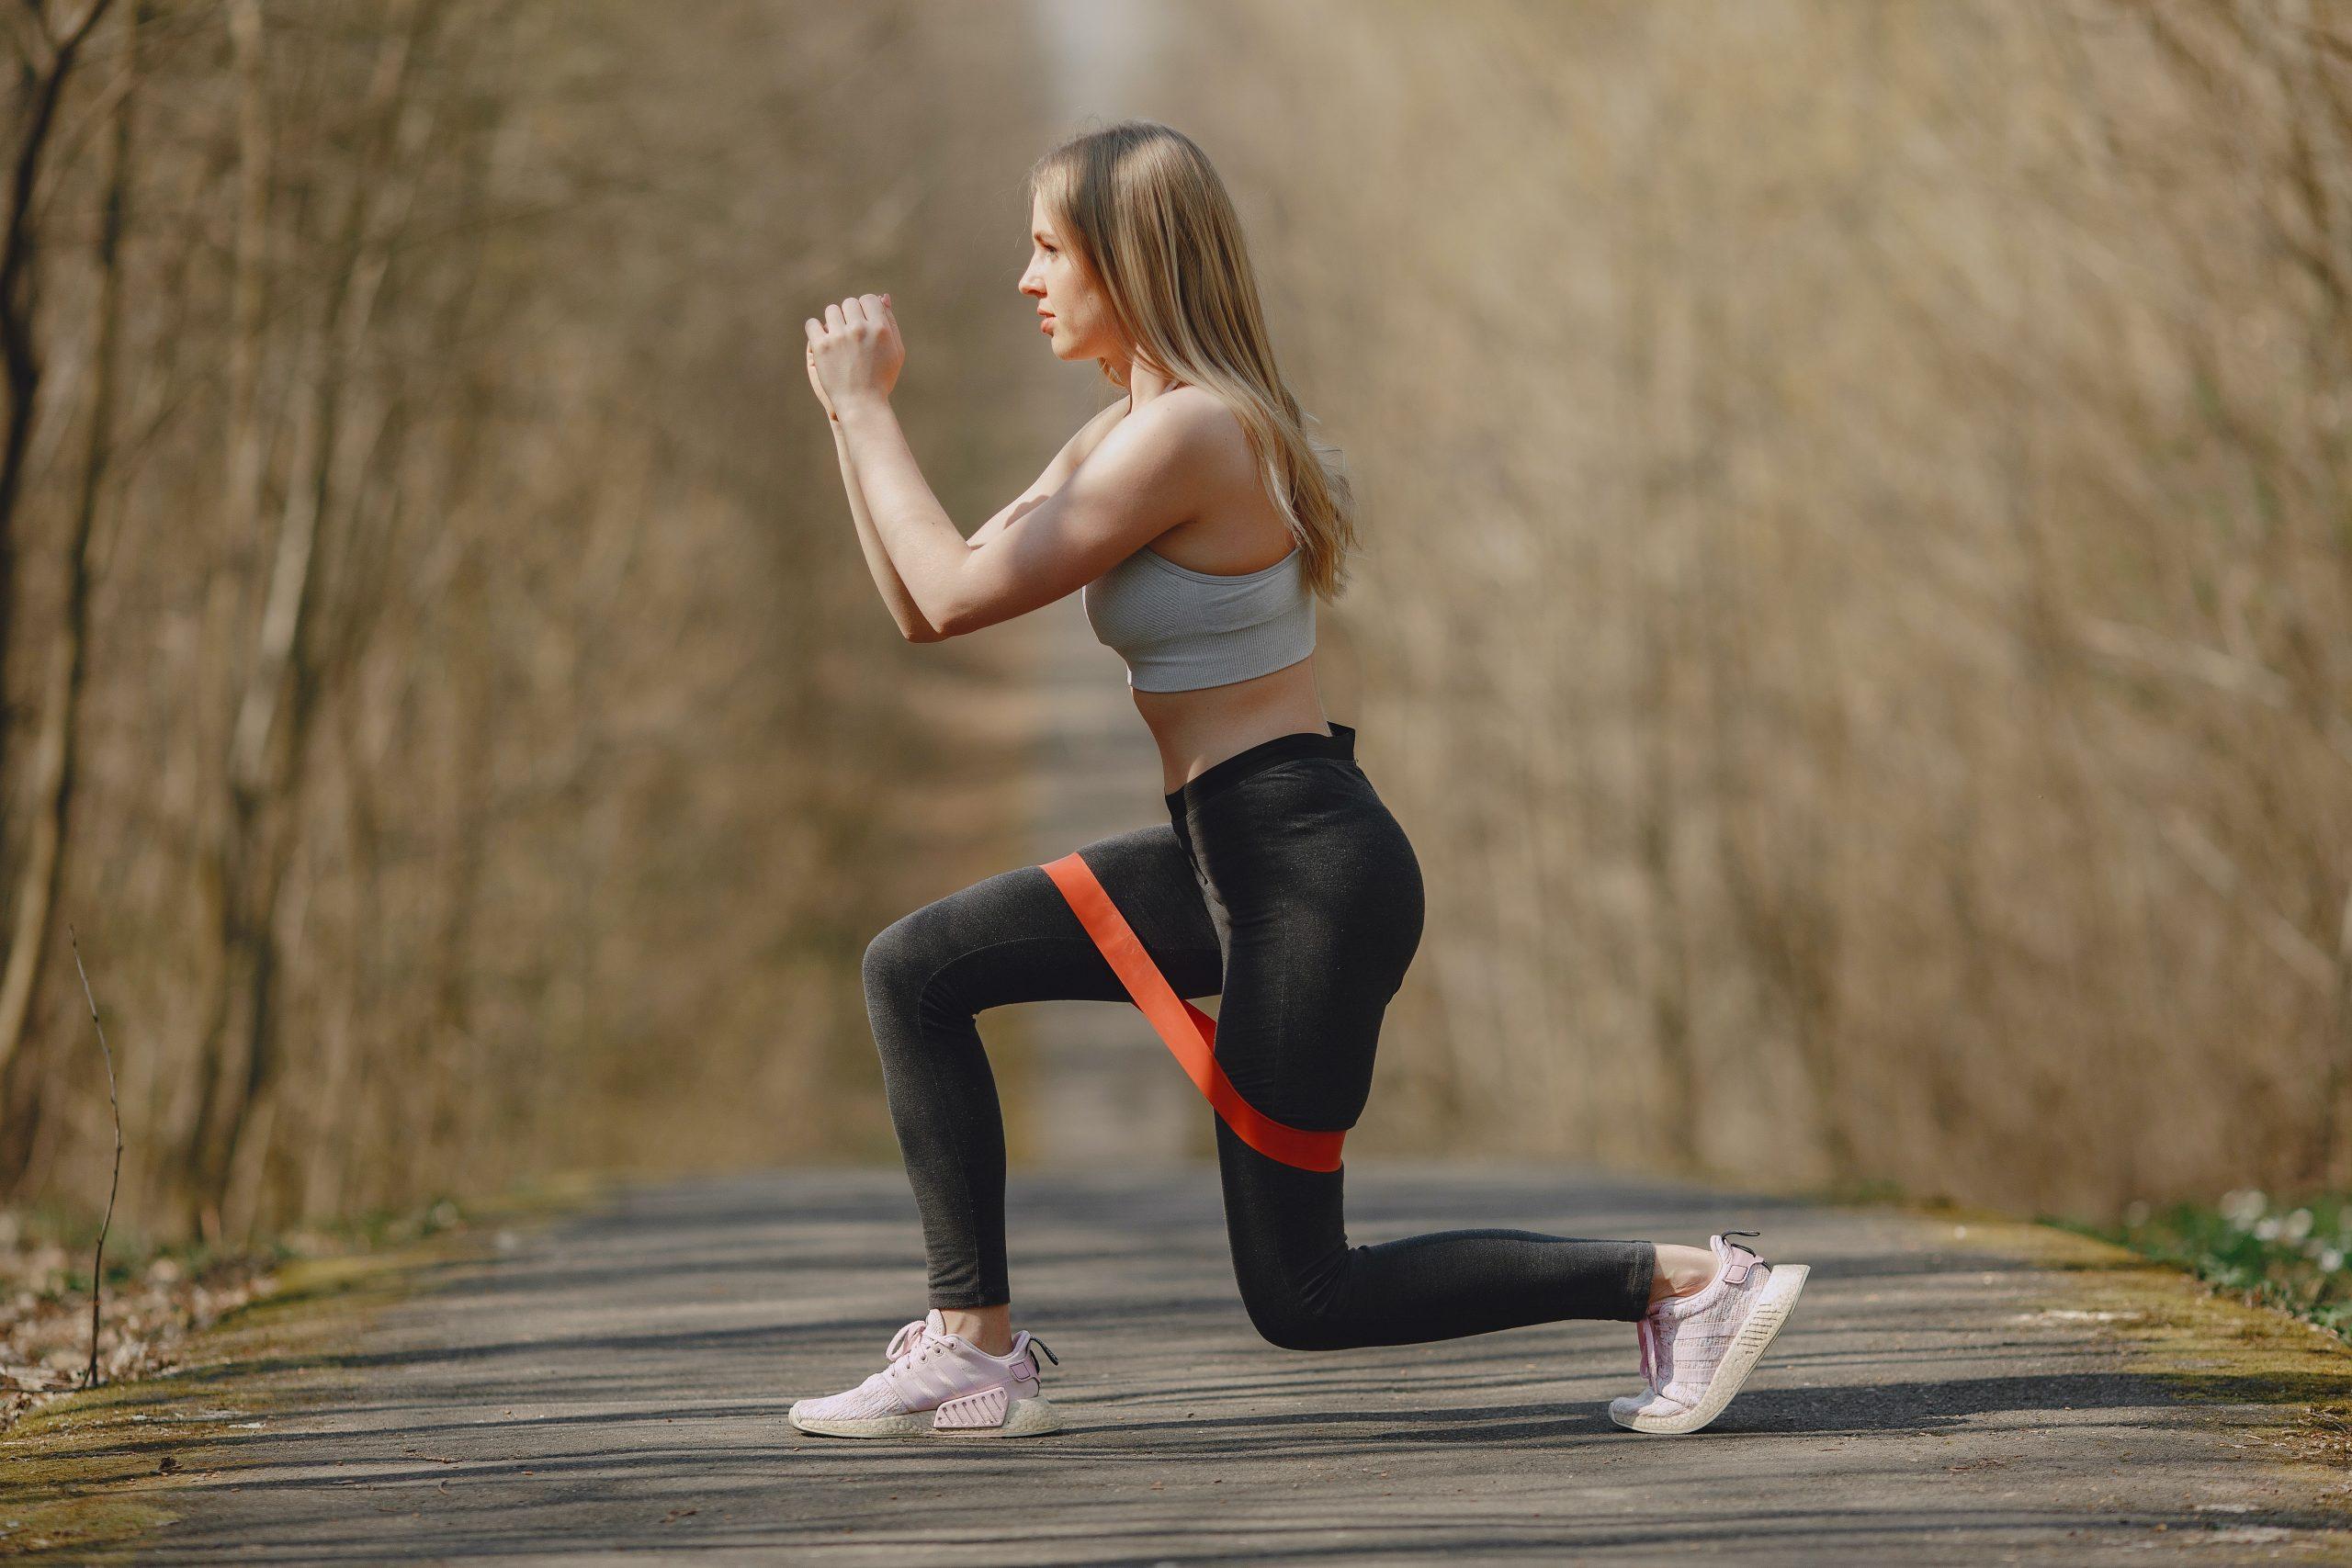 Jovem loira praticando exercício com Mini Band ao ar livre